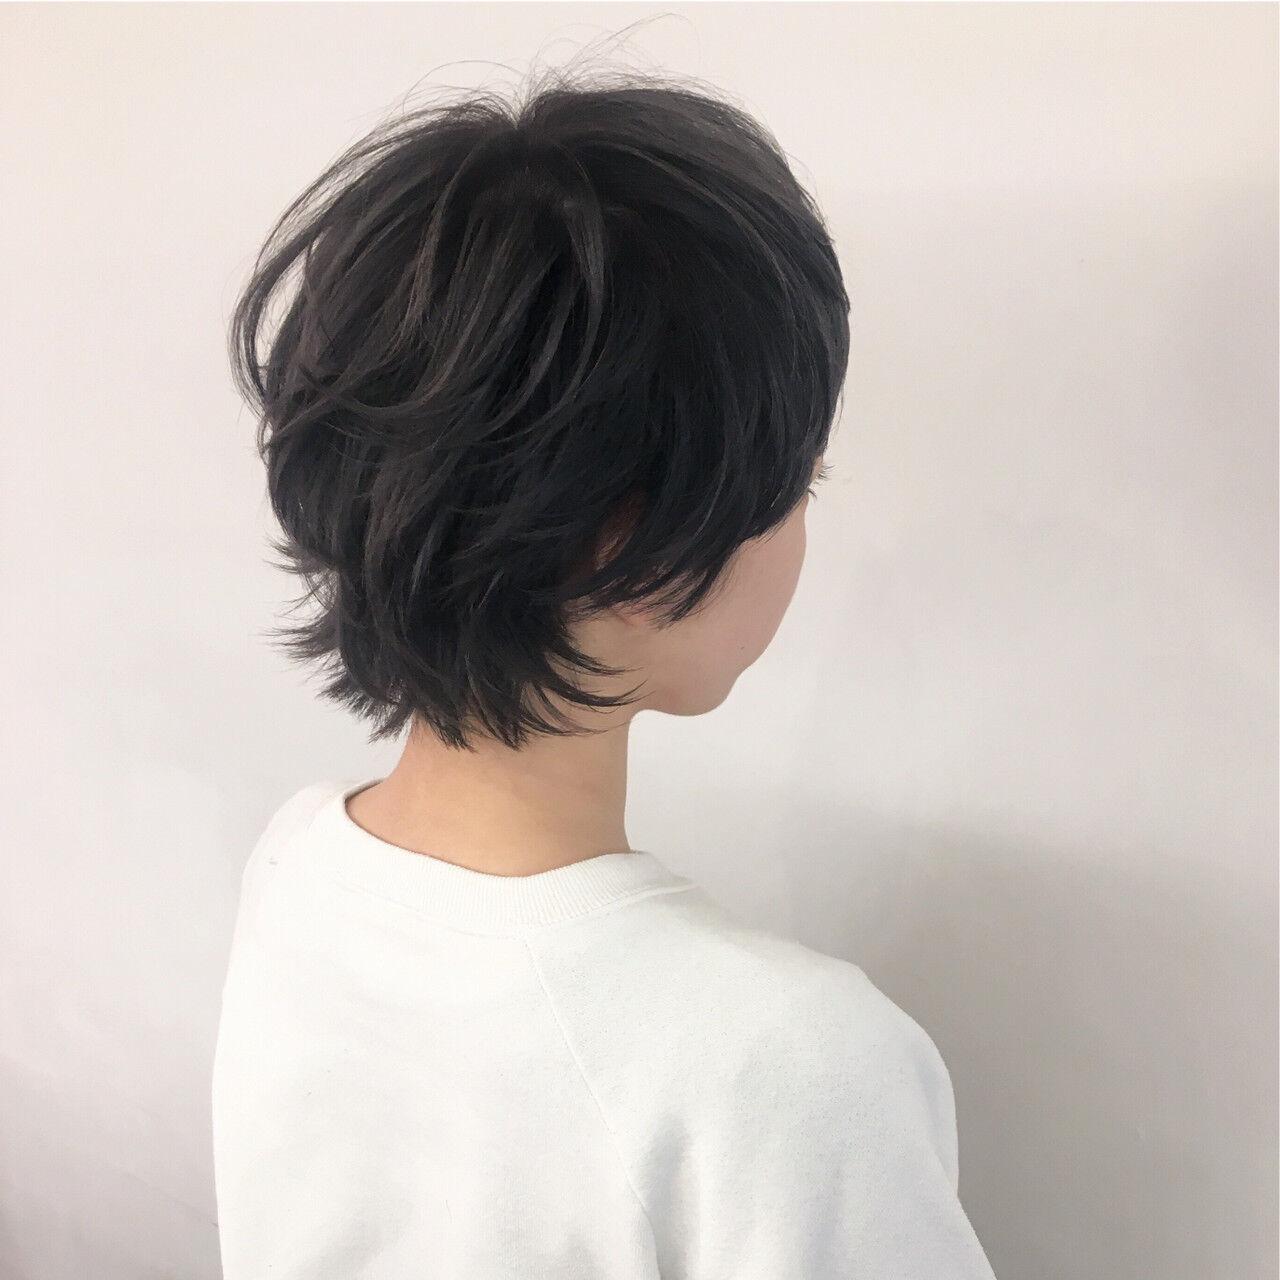 ショート ハイトーン モード ハイトーンカラーヘアスタイルや髪型の写真・画像